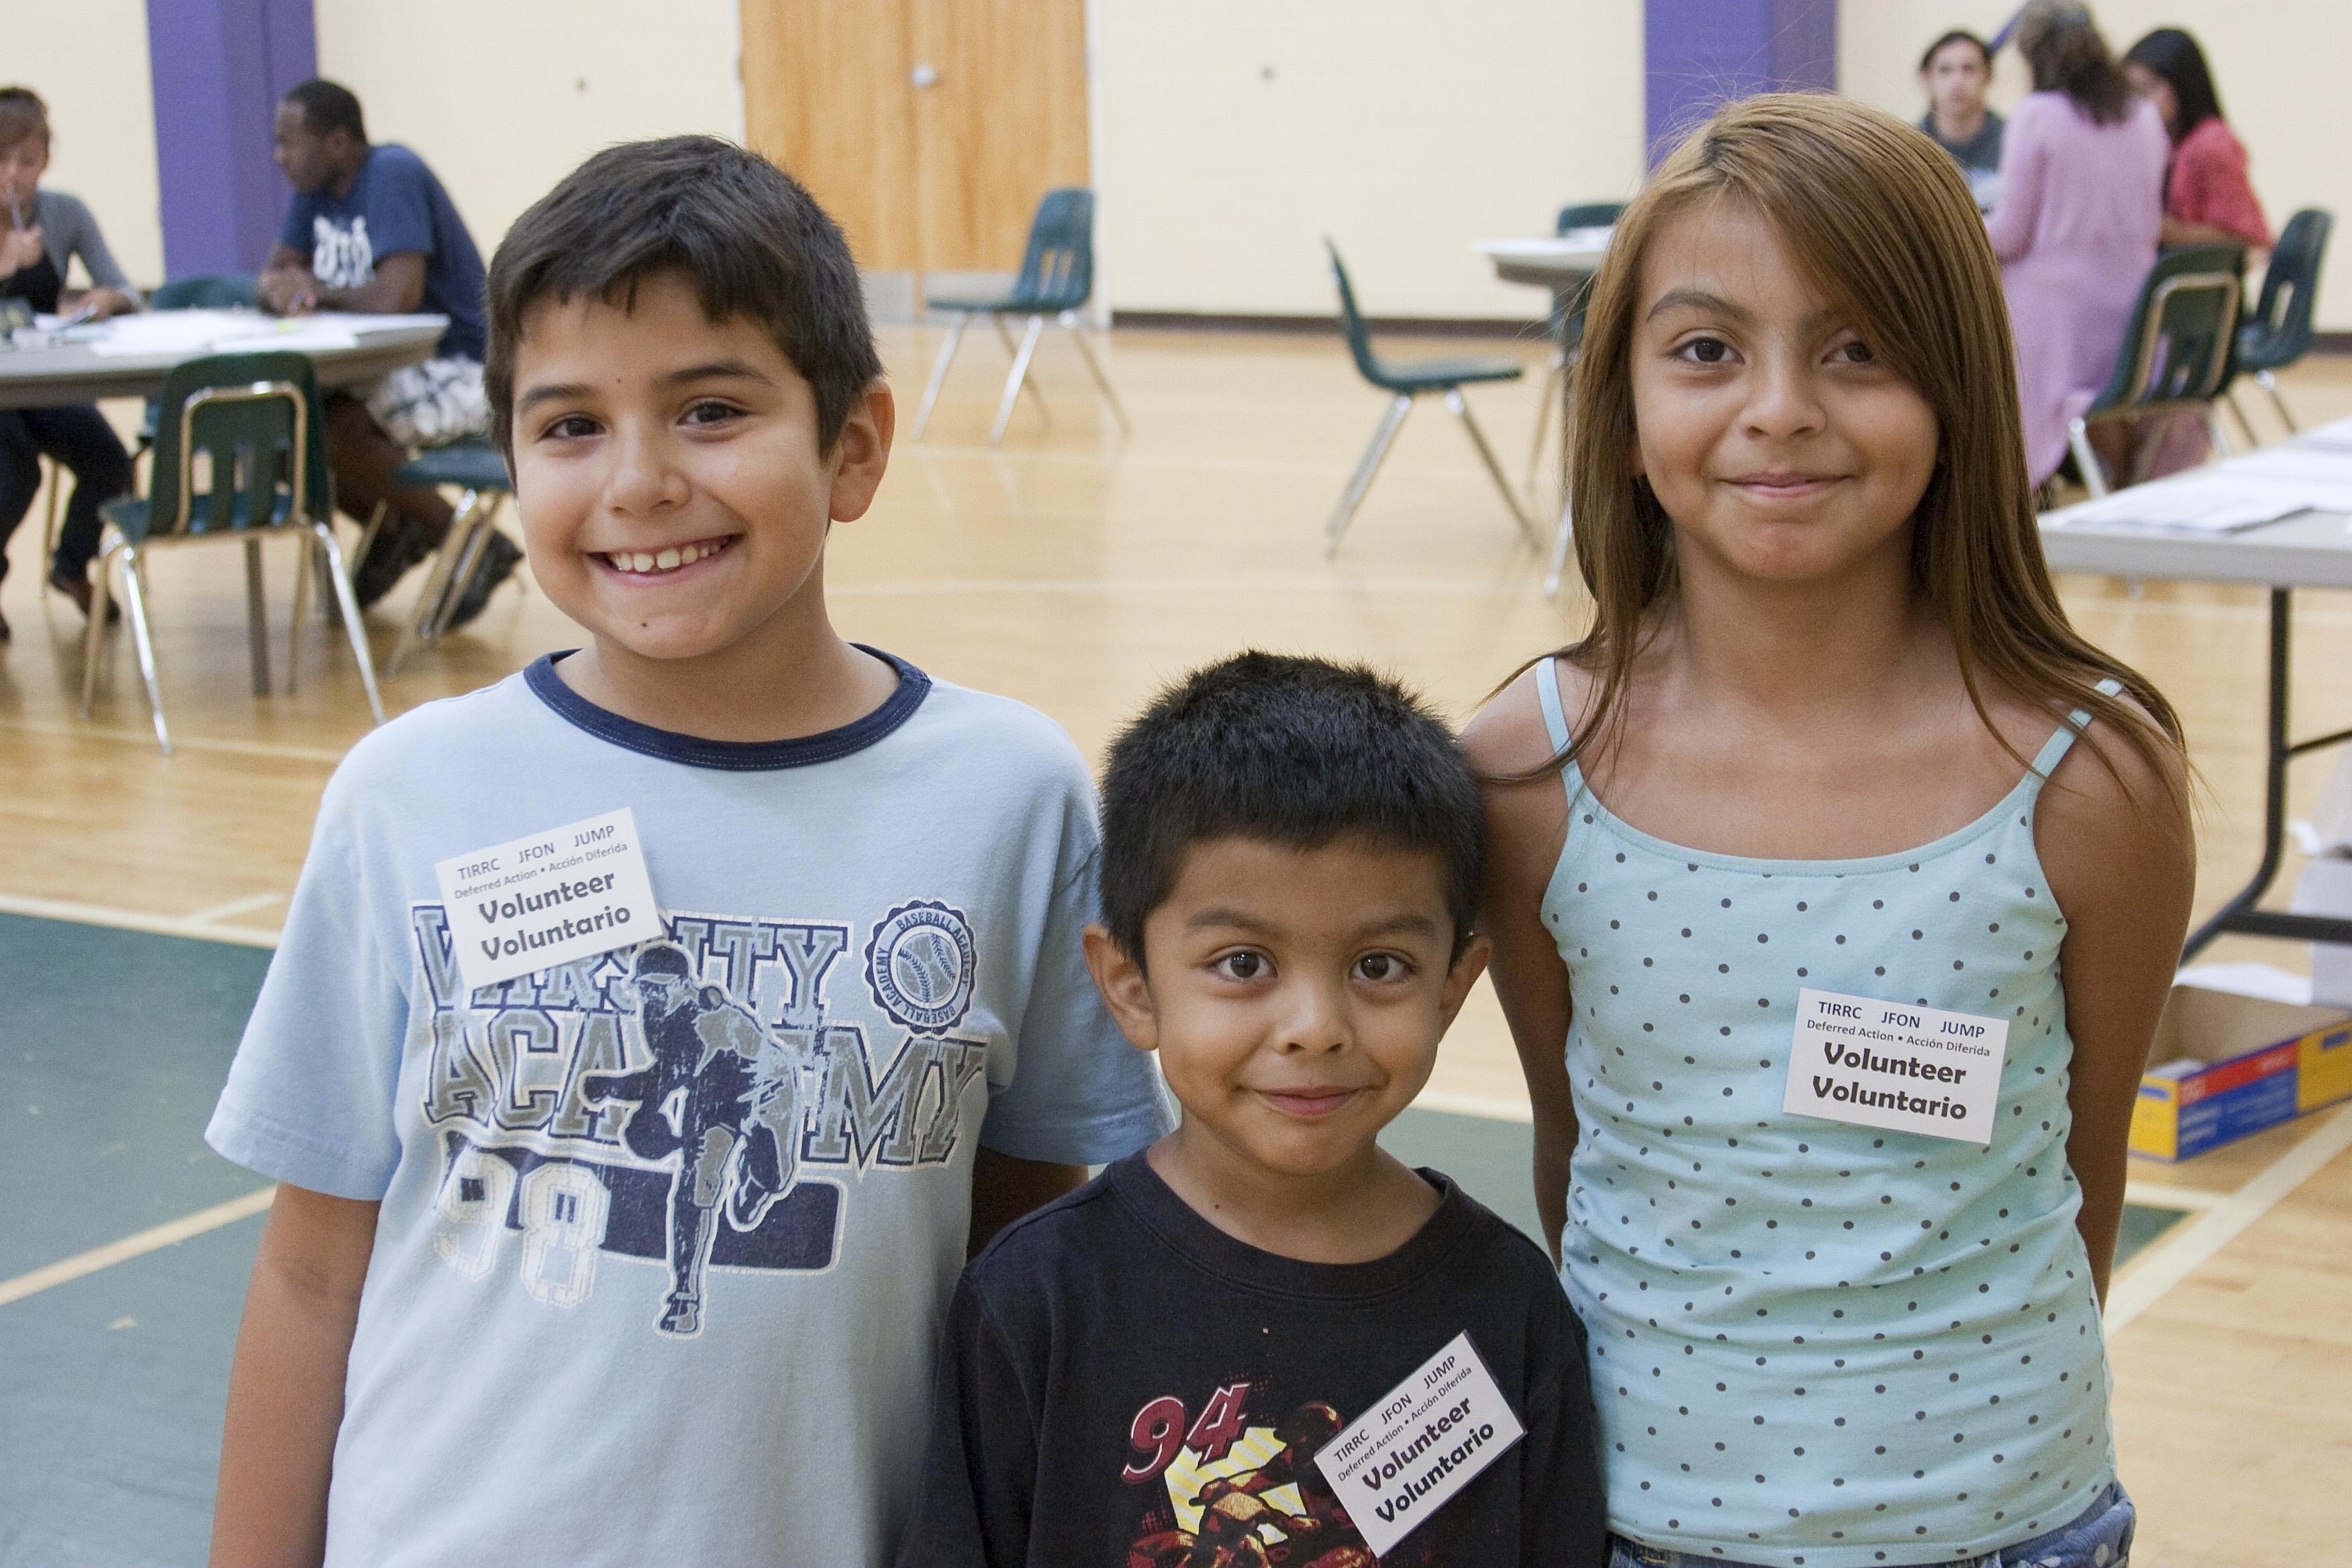 Niños sirven como voluntarios y dan la bienvenida a clientes en una clínica de inmigración. Foto cortesía de JFON Tennessee.